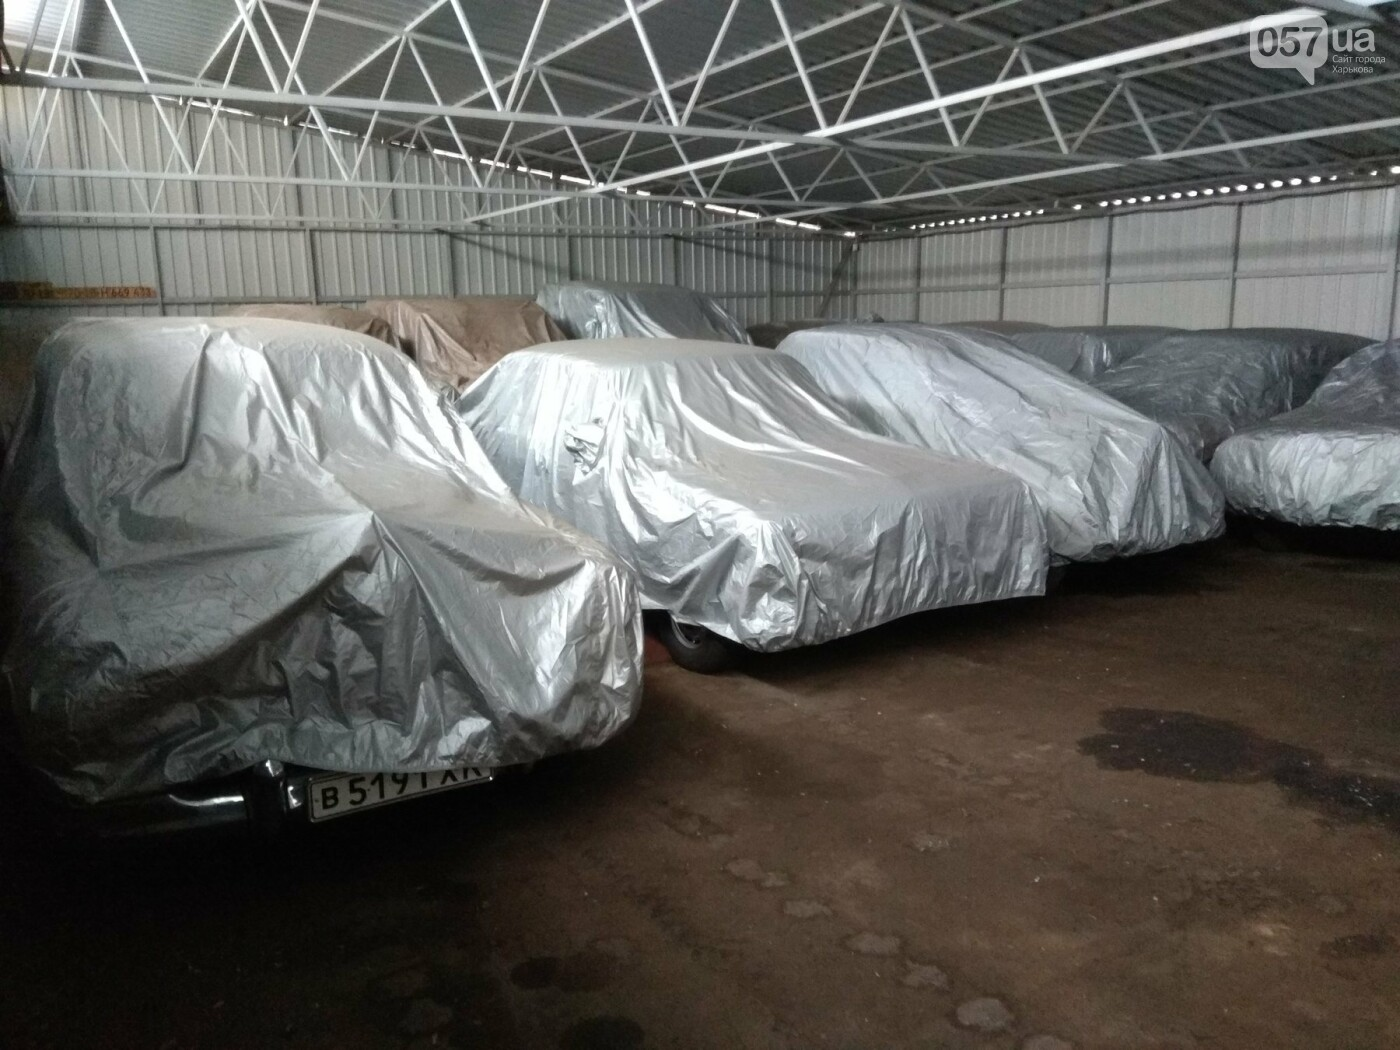 «Buick» Буденного и самодельные машины: как харьковчанин собрал коллекцию из 100 ретро-автомобилей, - ФОТО, фото-26